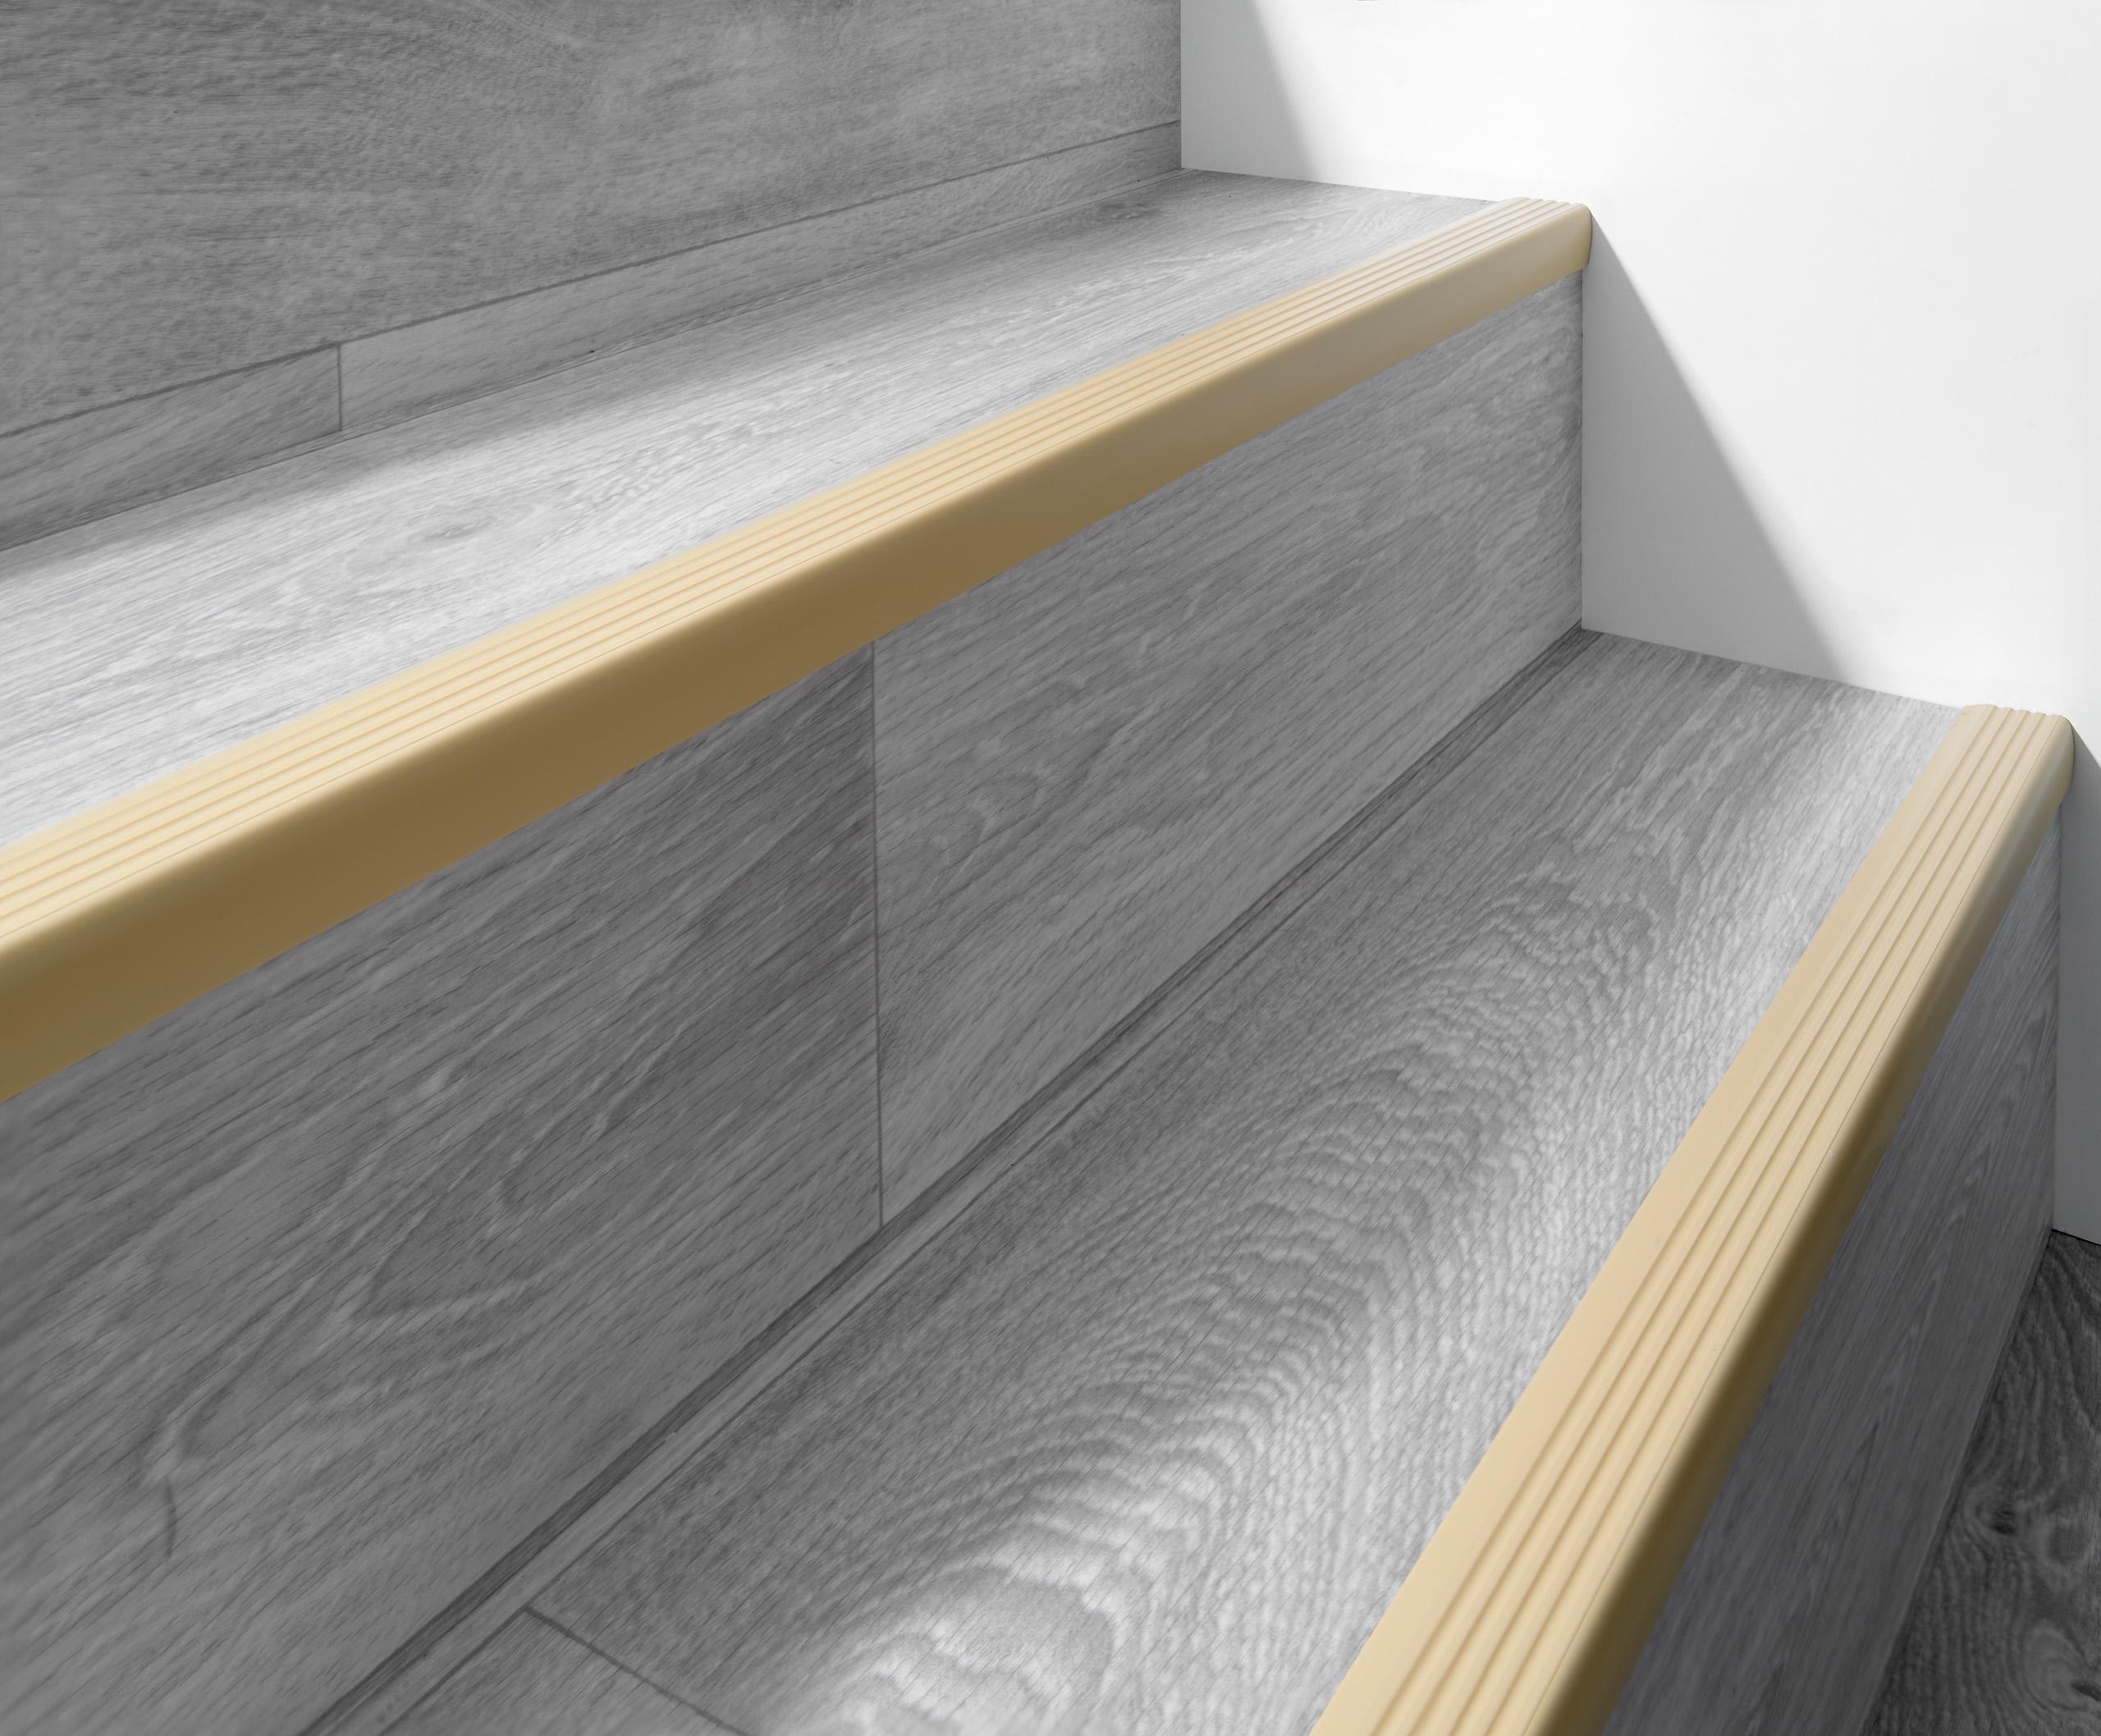 Profil schodowy antypoślizgowy samoprzylepny